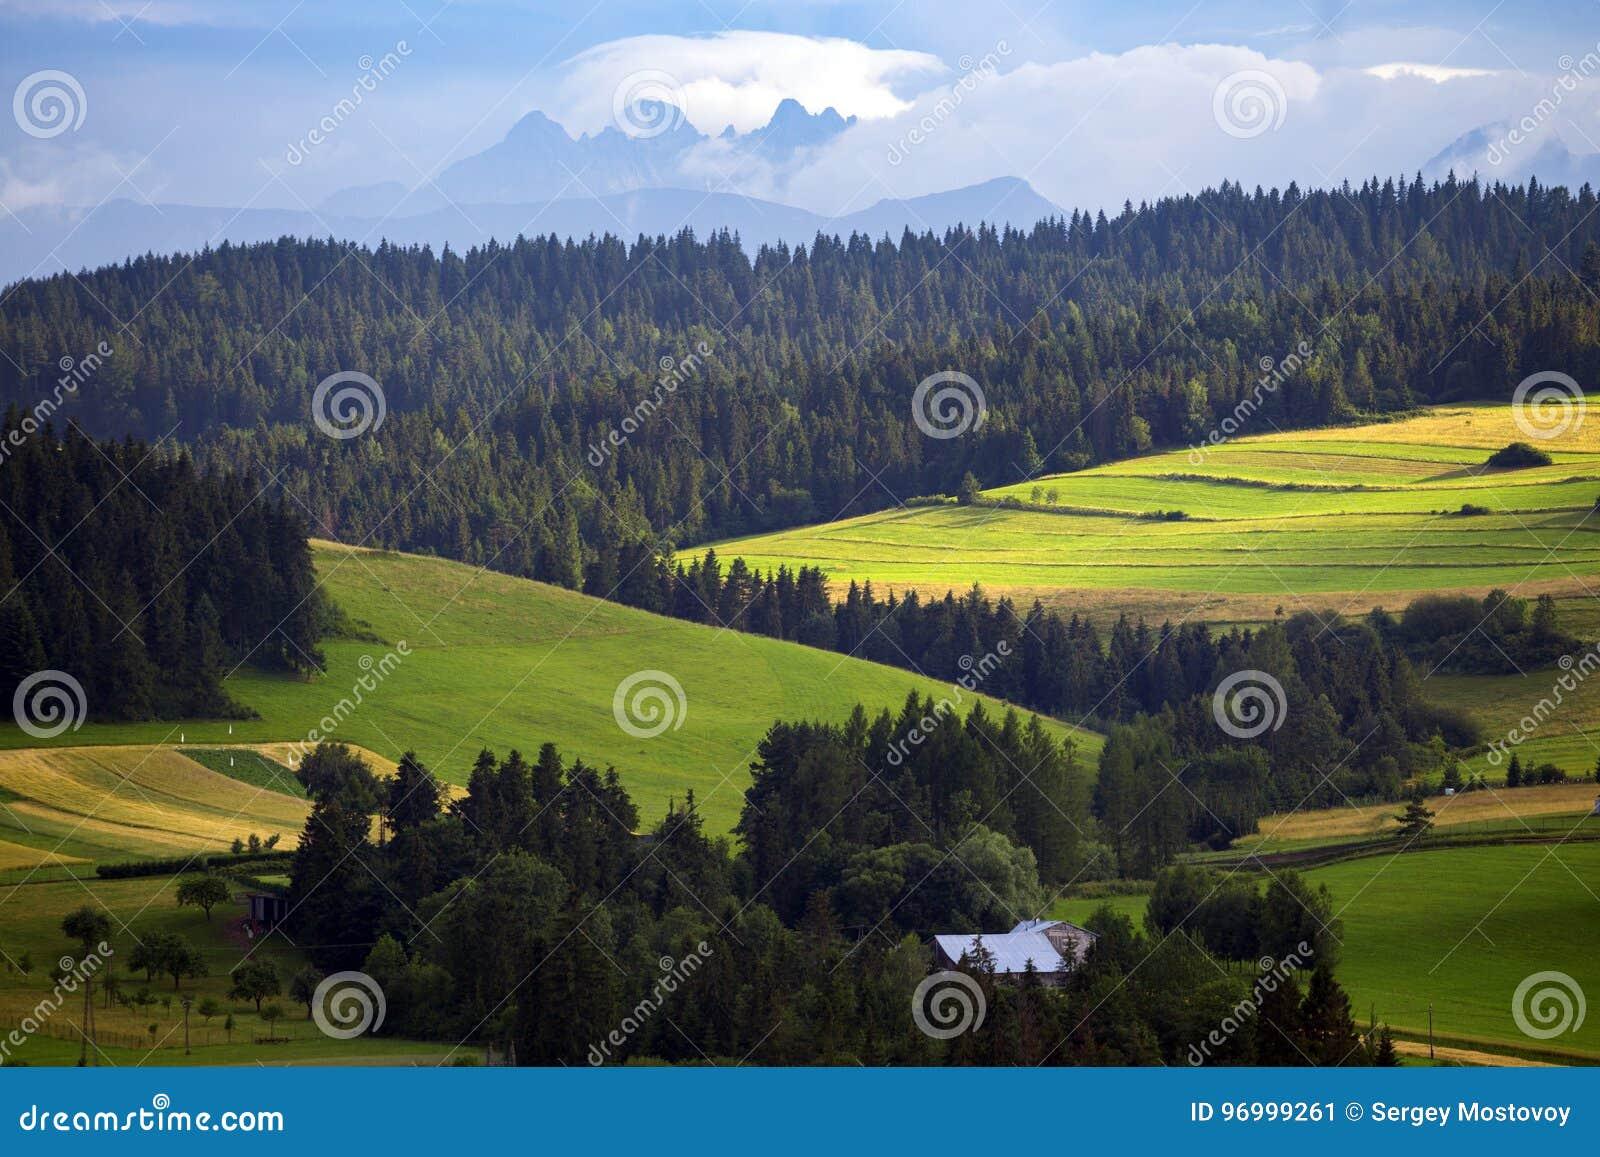 Mountains Tatry at the Zakopane